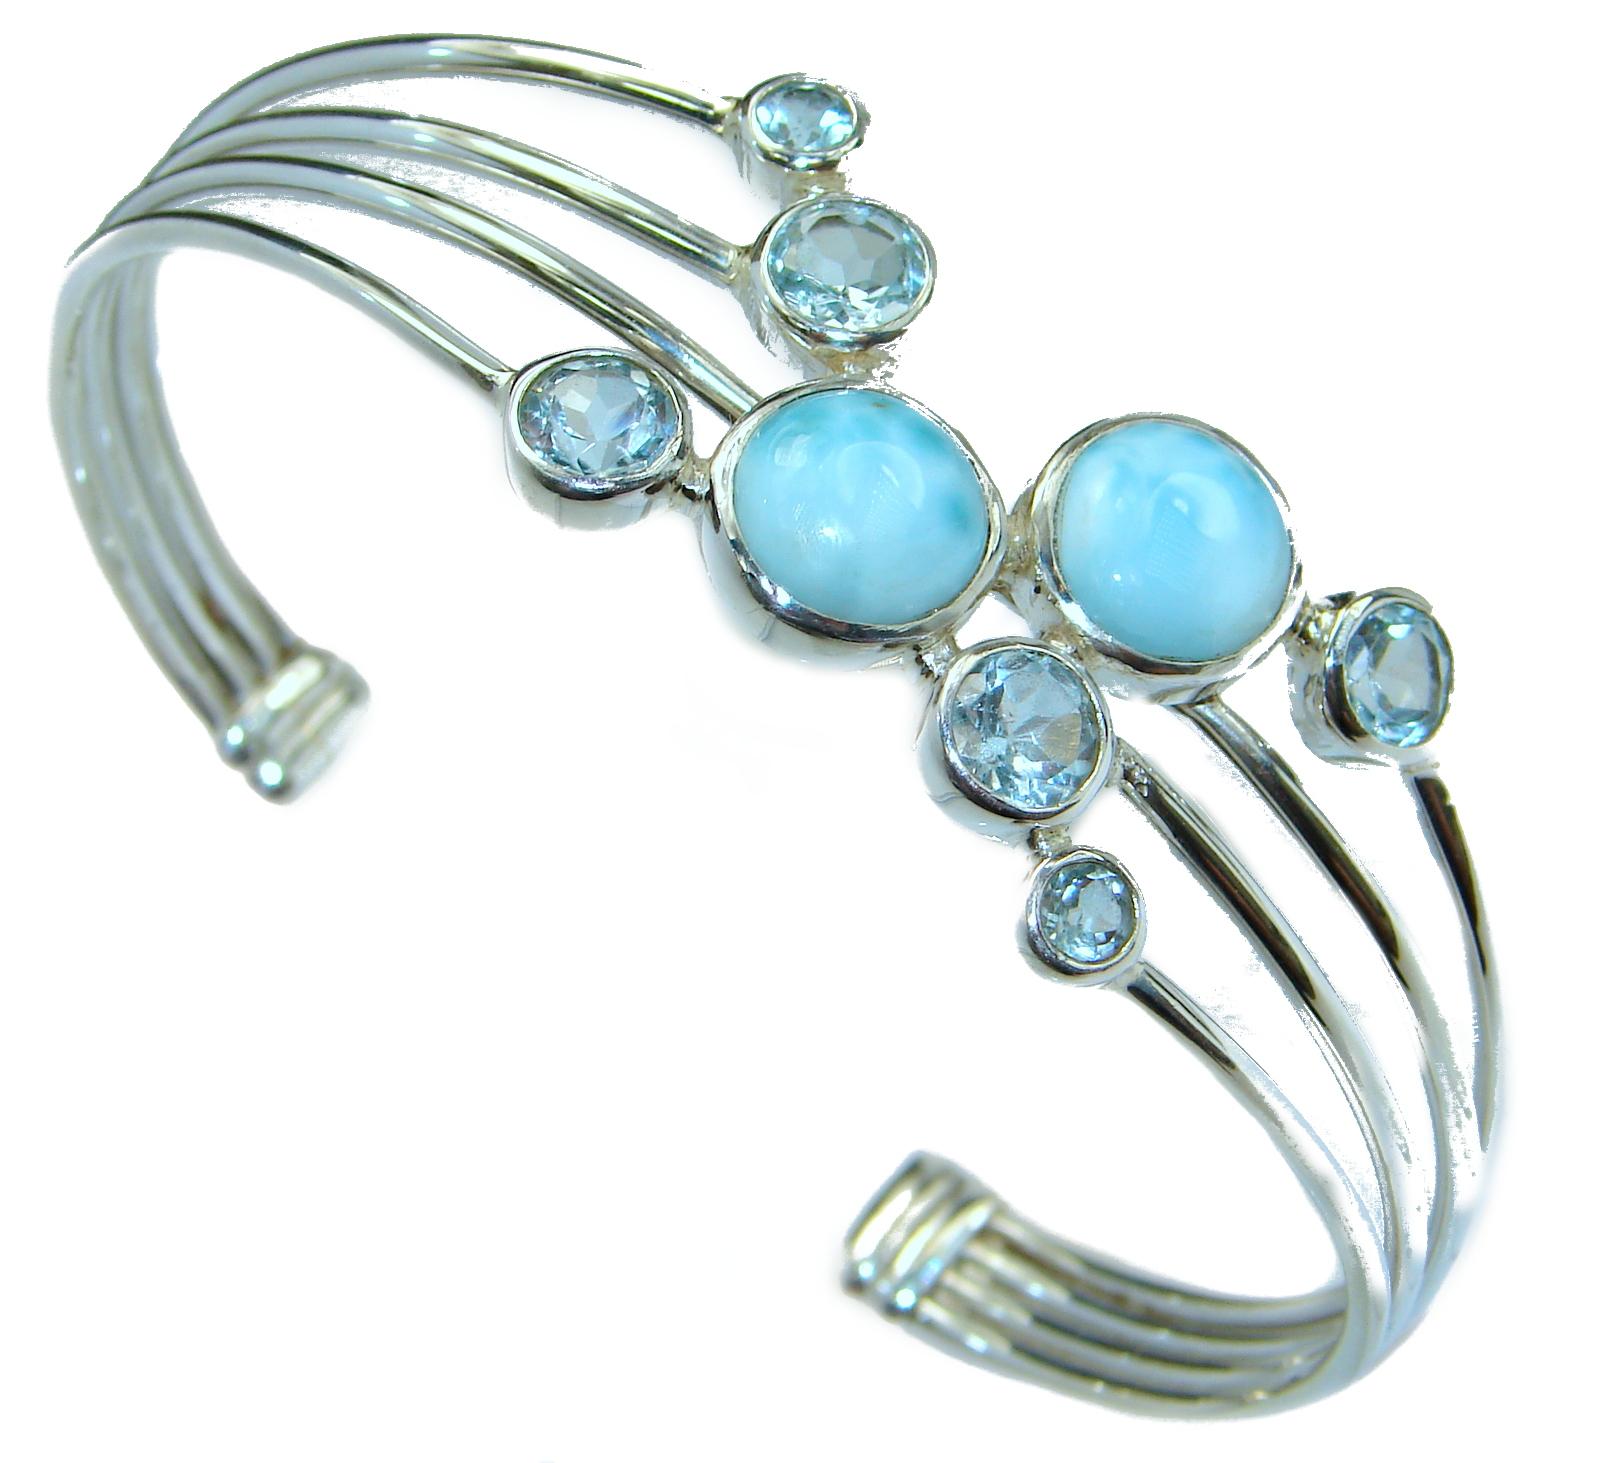 Fine Art Blue Larimar Swiss Blue Topaz .925 Sterling Silver handcrafted Bracelet / Cuff